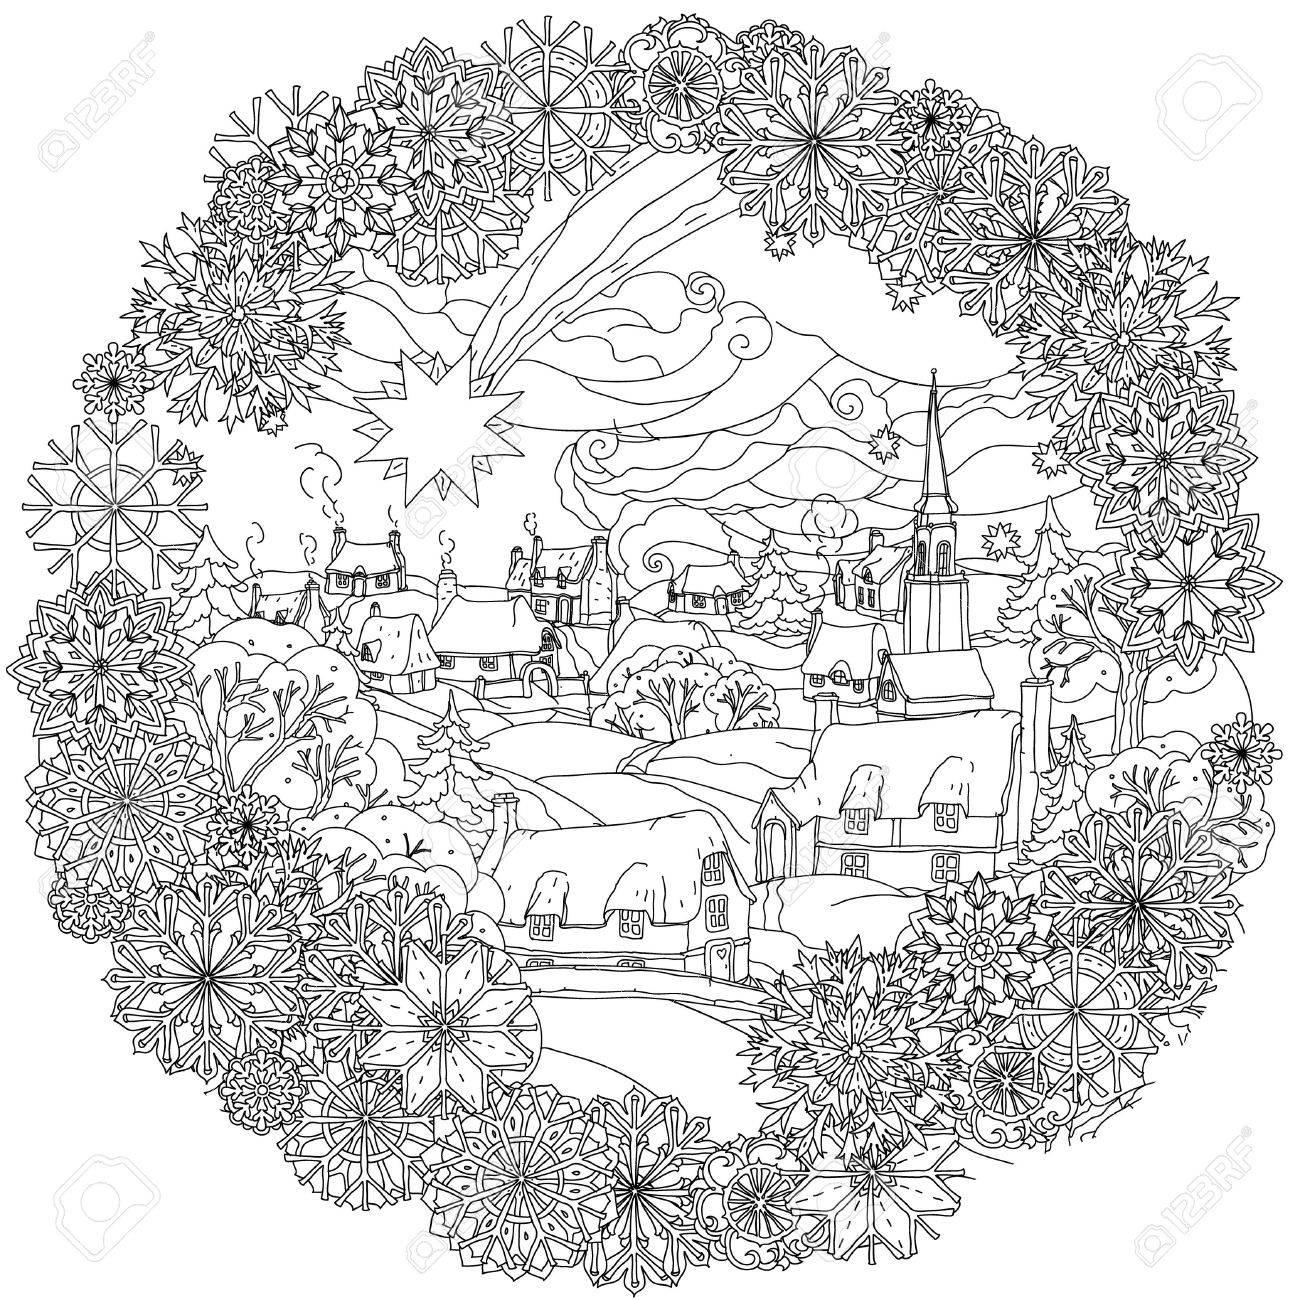 Landskape De Noel Avec L Etoile Survole Village D Hiver Dans Le Cadre Des Flocons De Neige Noir Et Blanc Bagouts Zentangle Le Meilleur Pour Votre Conception Textiles Affiches Livre De Coloriage Clip Art